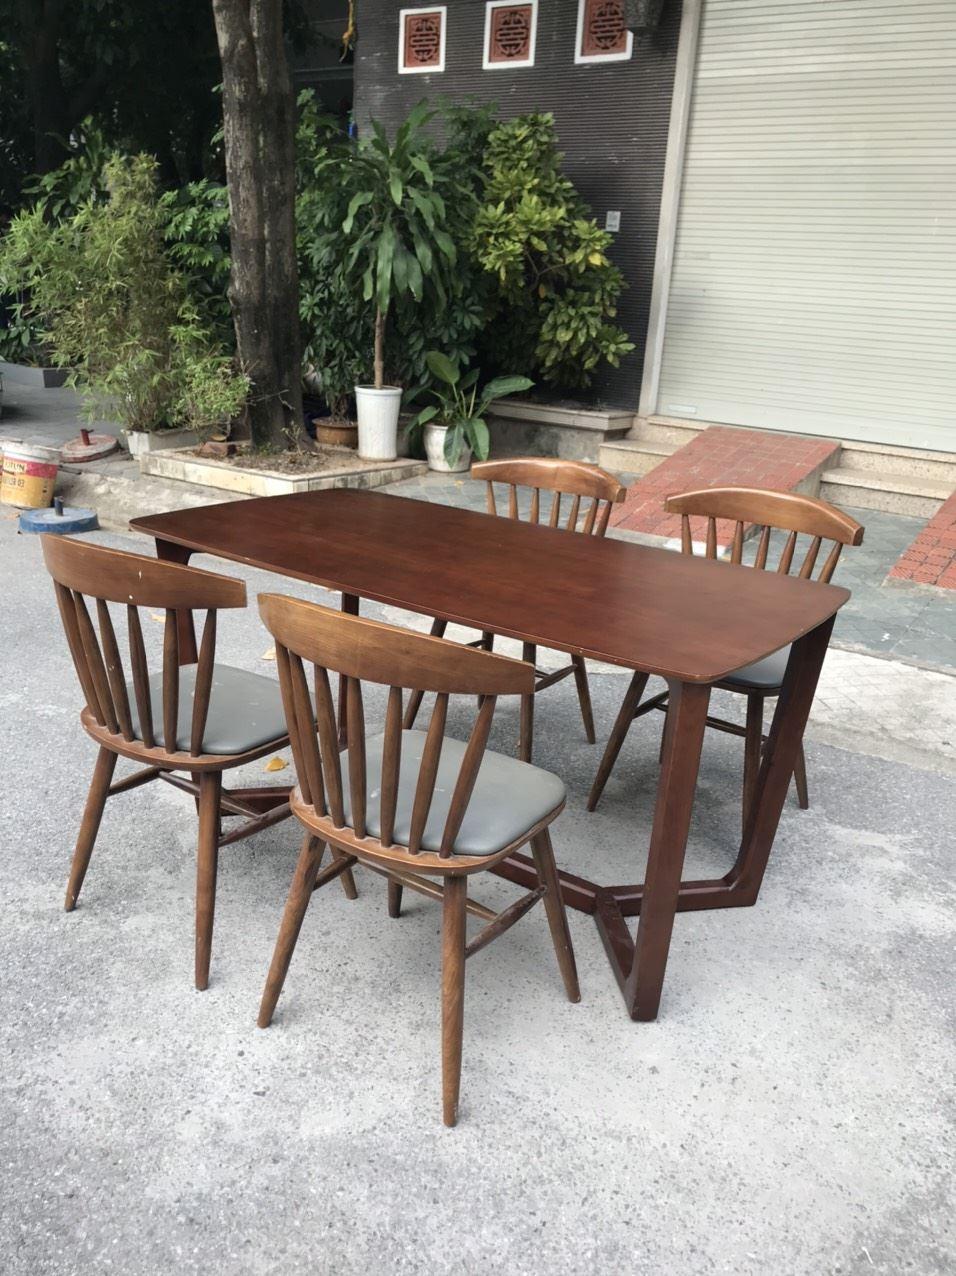 Bộ bàn ghế gỗ sồi mặt ghế bọc da loại 3